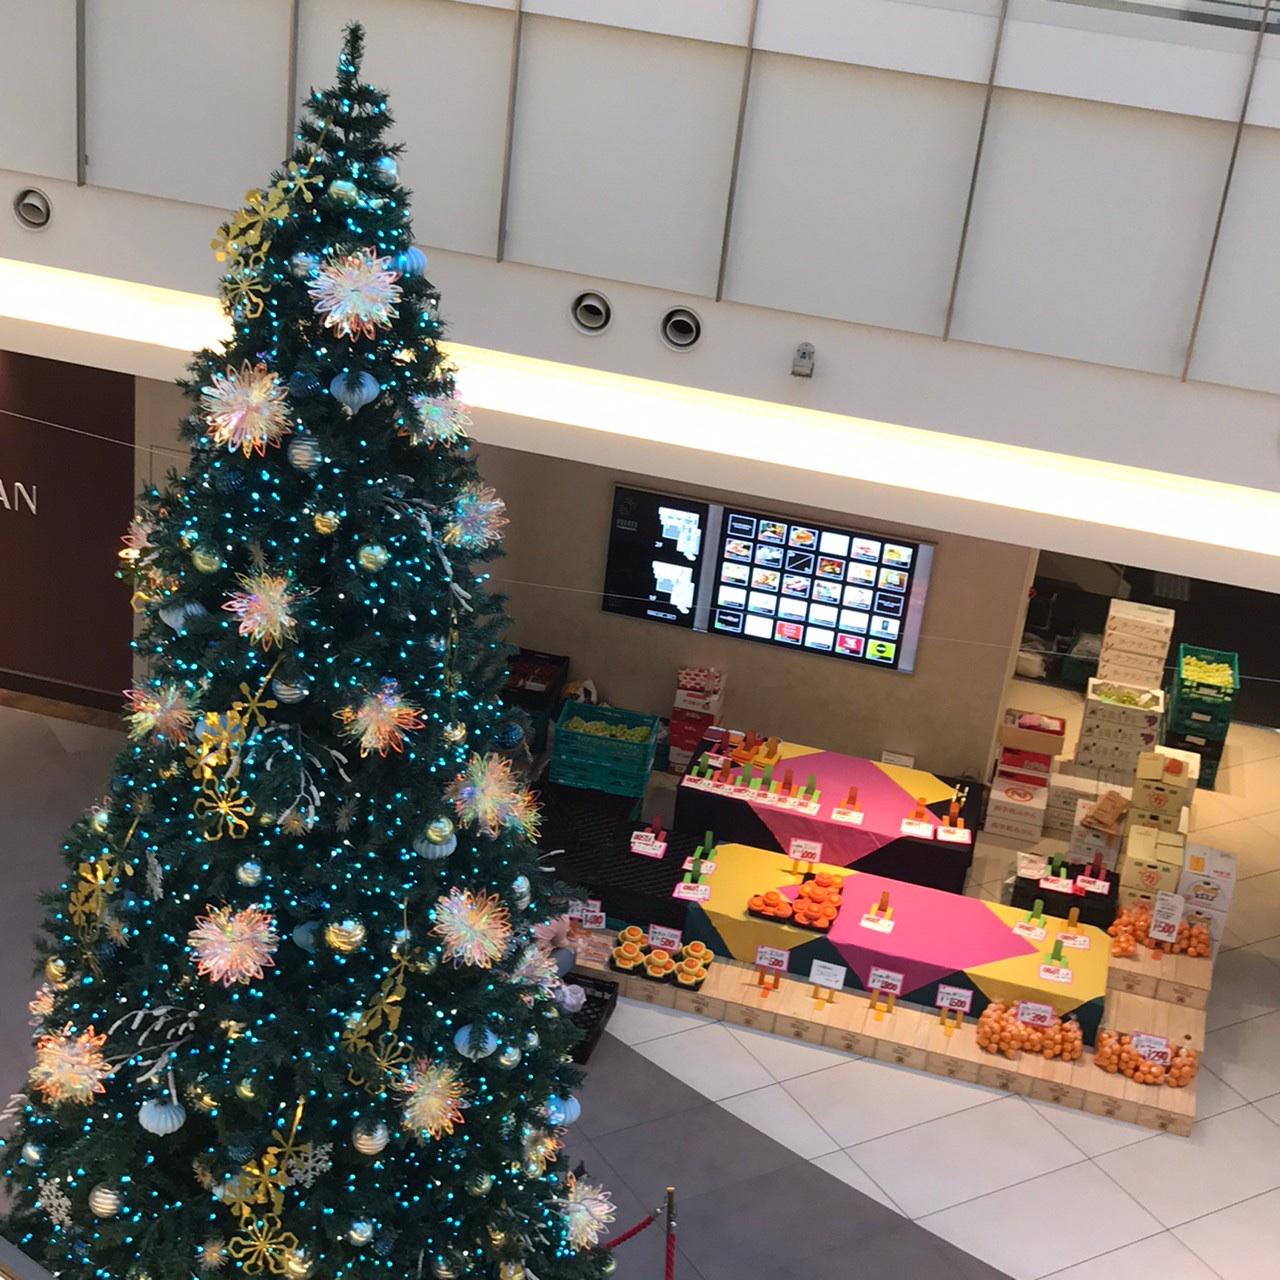 12月8日(火)、10日(木)、12日(土)、13日(日)MMテラスマルシェ出店者のご紹介です!